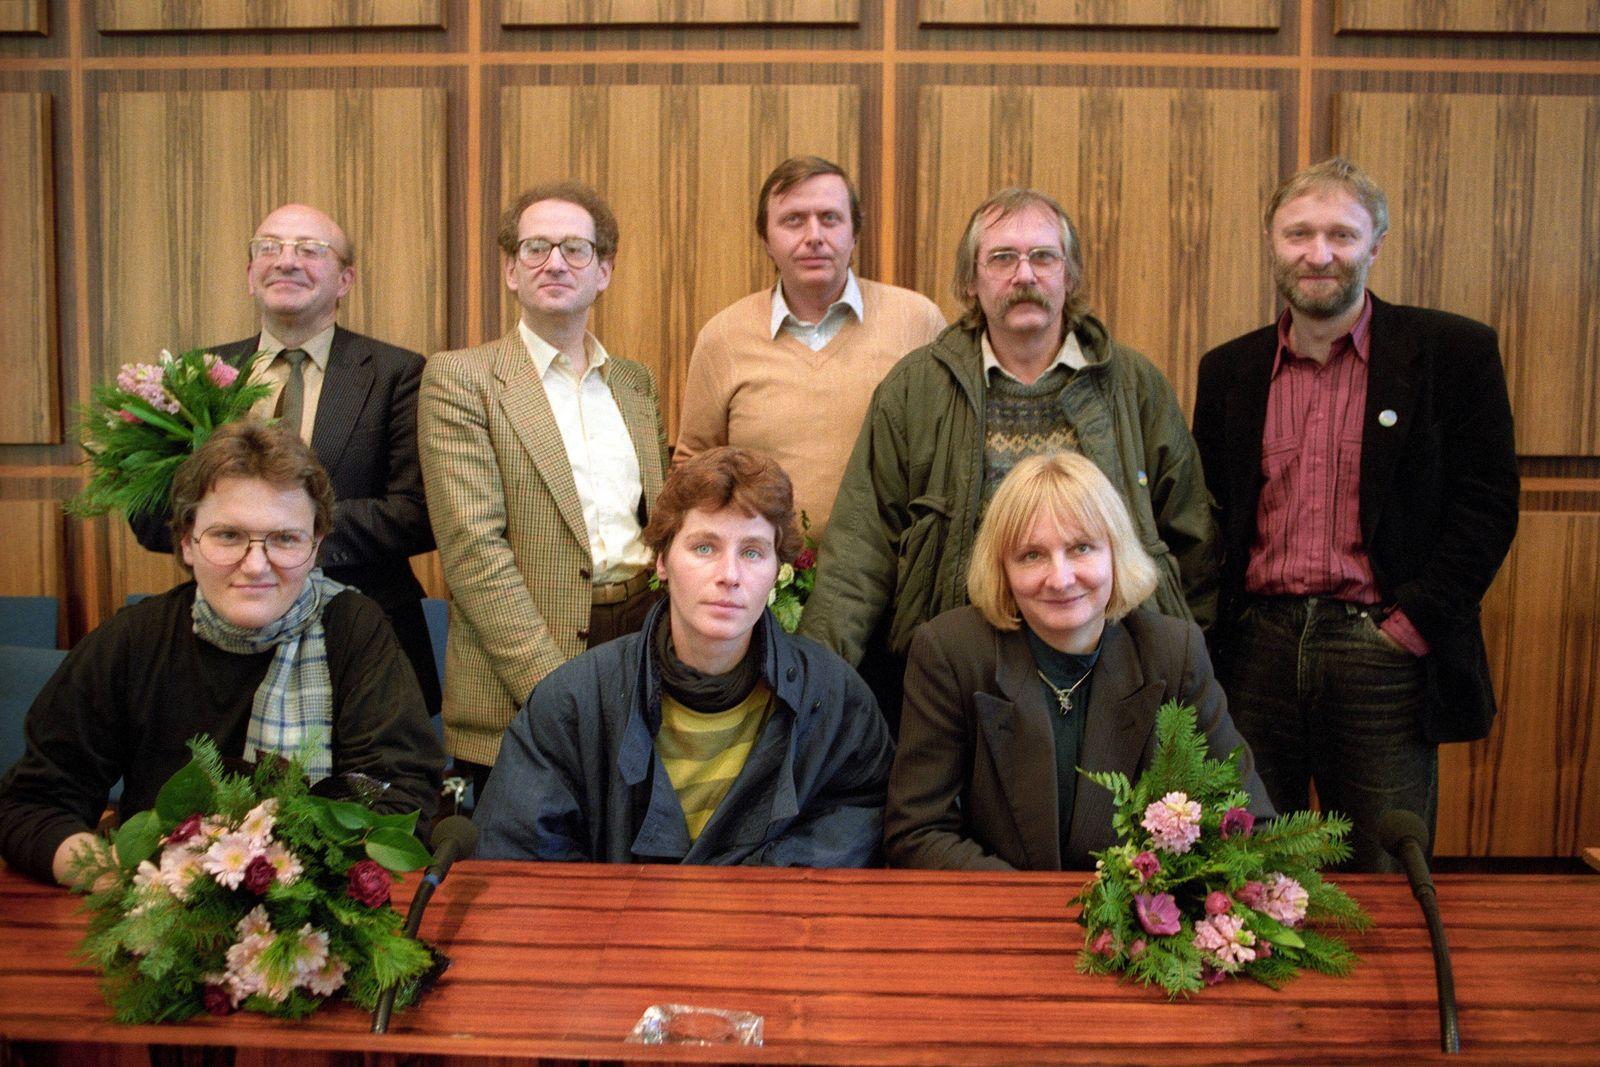 Abgeordnete von Bündnis 90 Die Grünen im Bundestag vorne v l n r Christina Schenk Ingrid Köppe